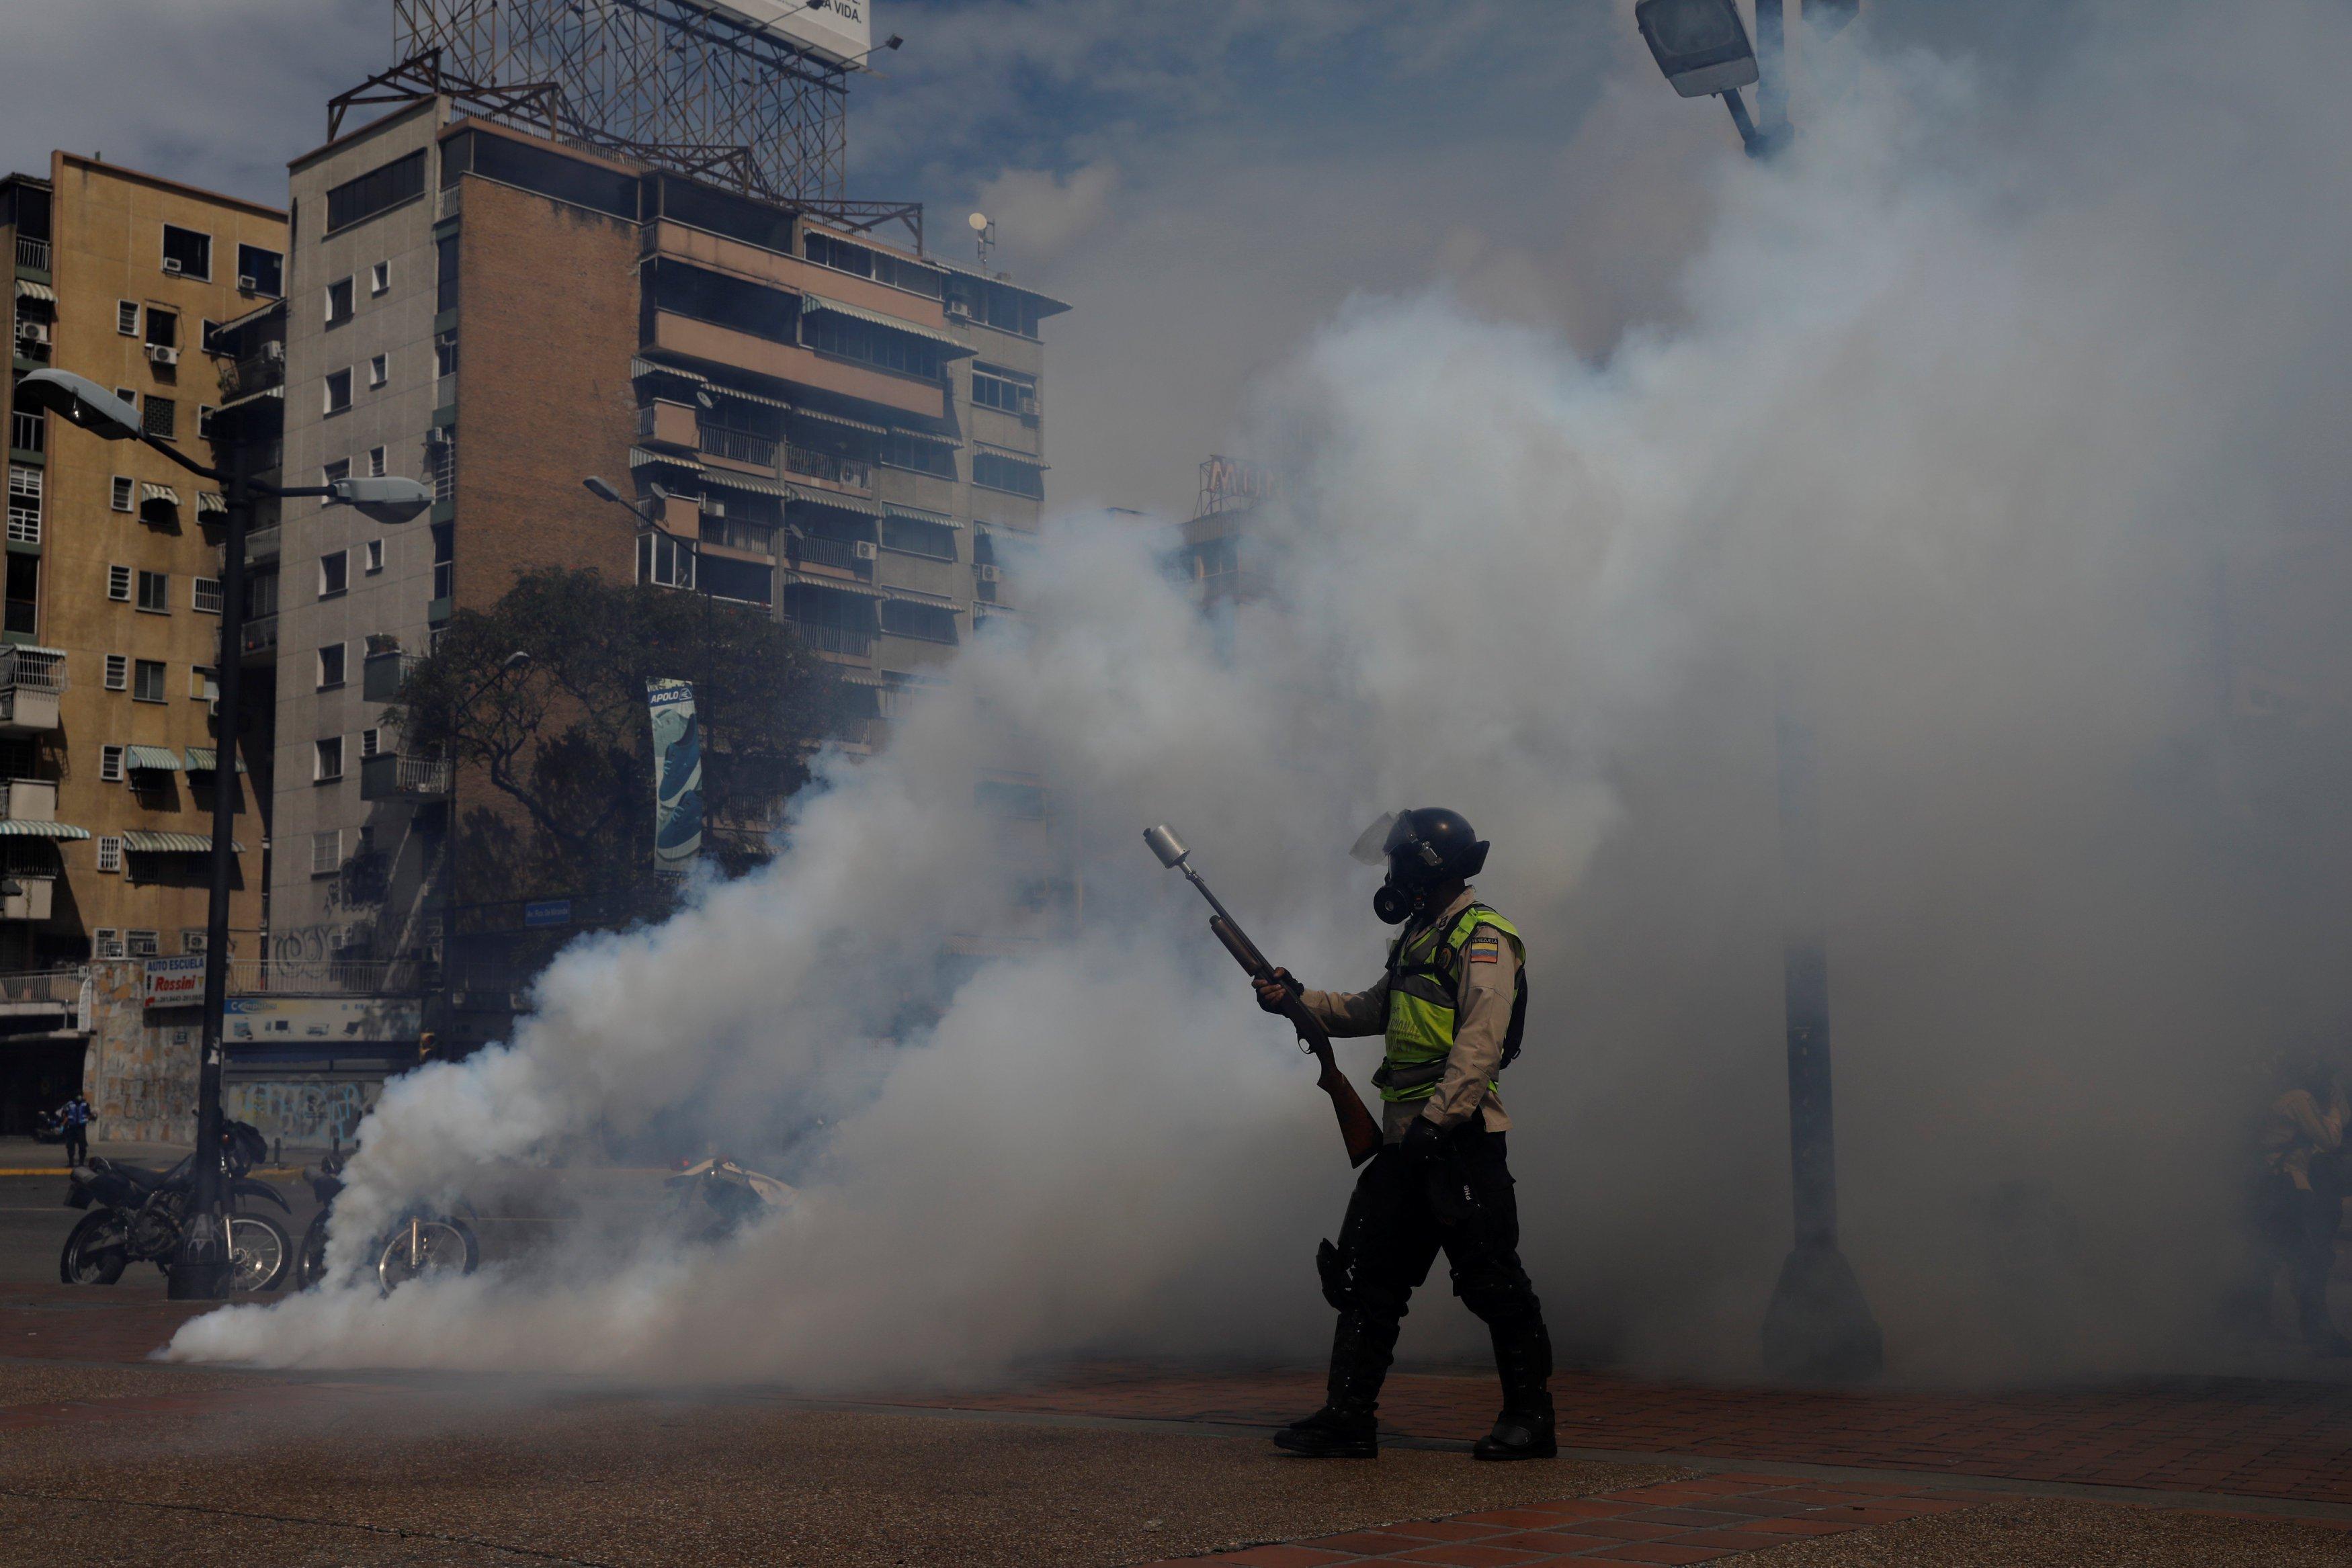 Funcionarios de la PNB y efectivos de la GNB arremetieron contra la manifestación pacífica en Altamira. REUTERS/Carlos Garcia Rawlins